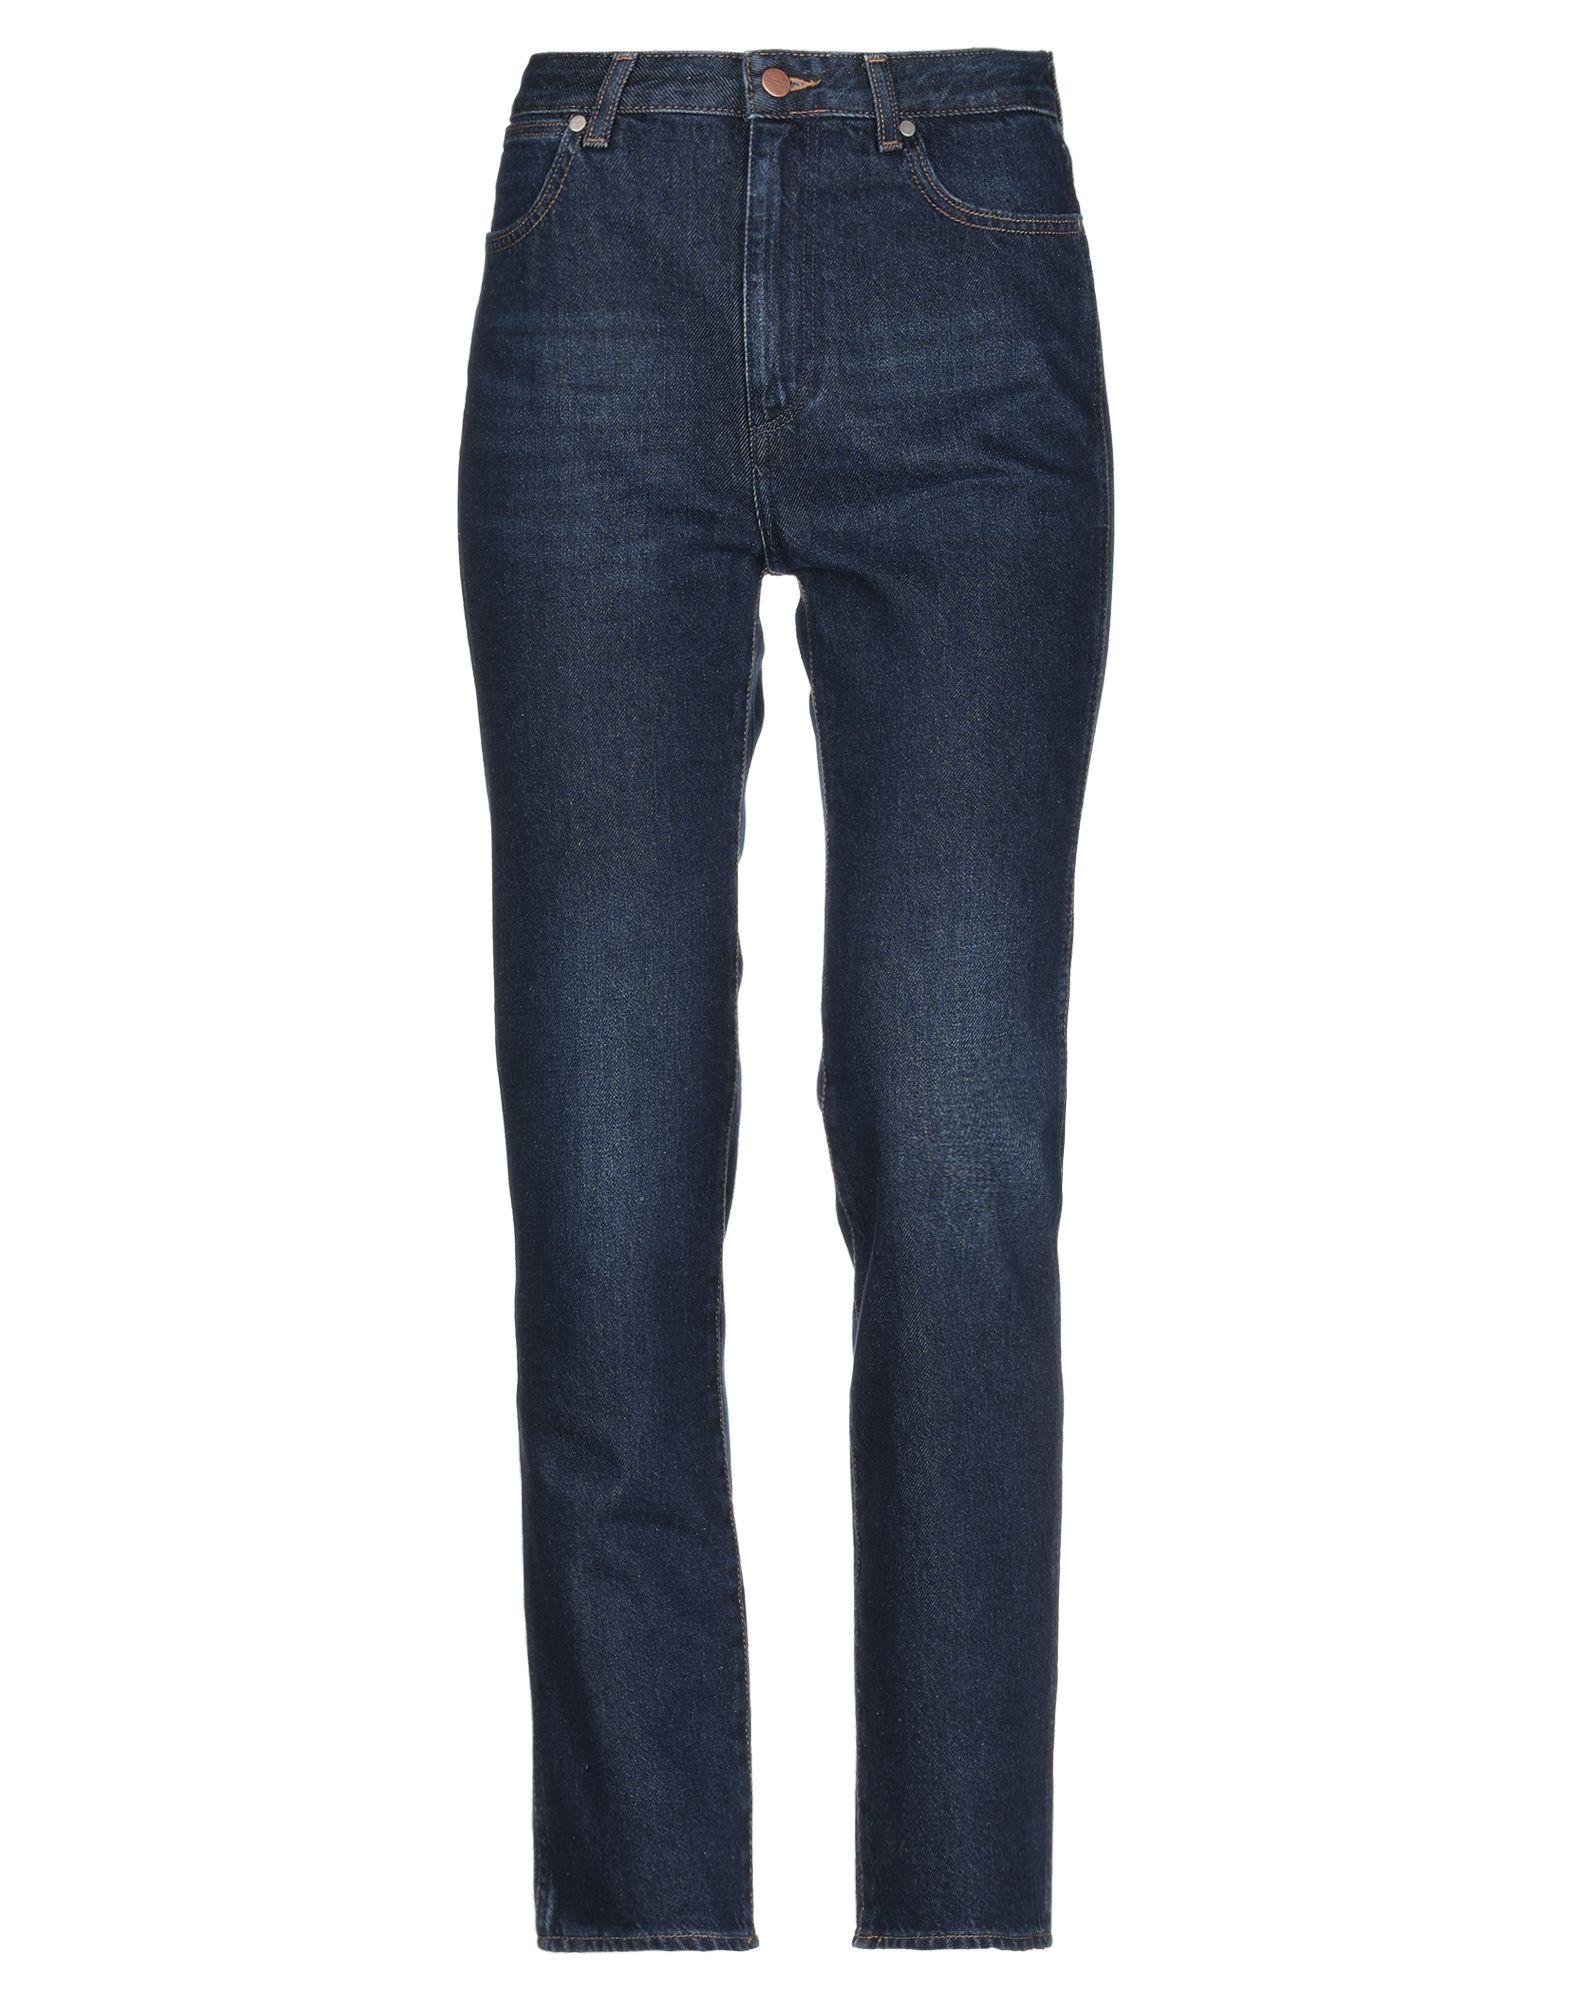 купить WRANGLER Джинсовые брюки по цене 3900 рублей